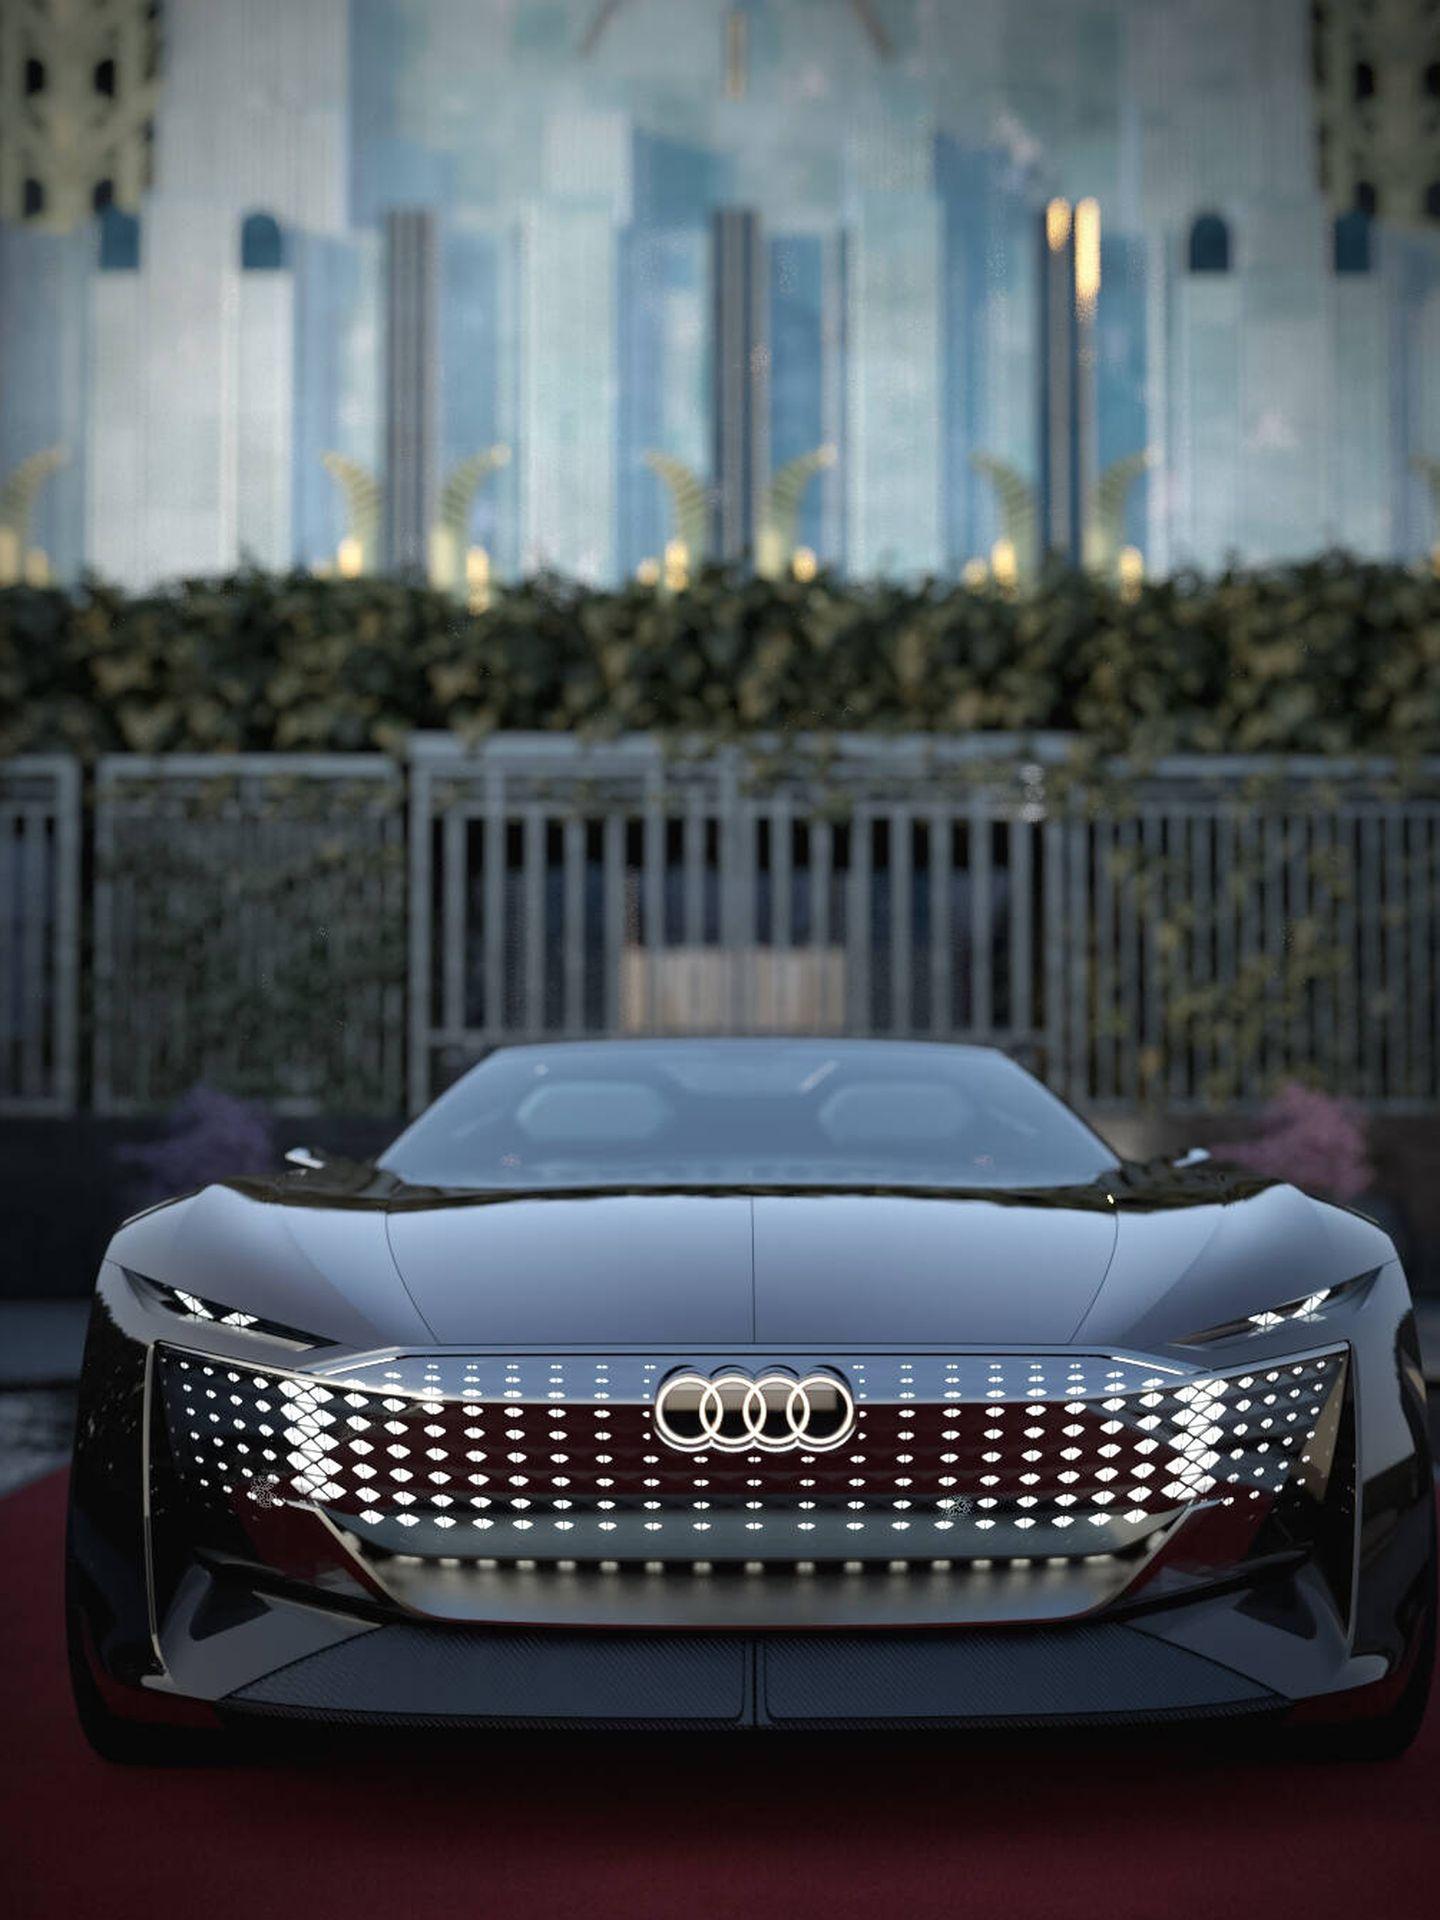 Tiene paneles LED delante y detrás. (Audi)